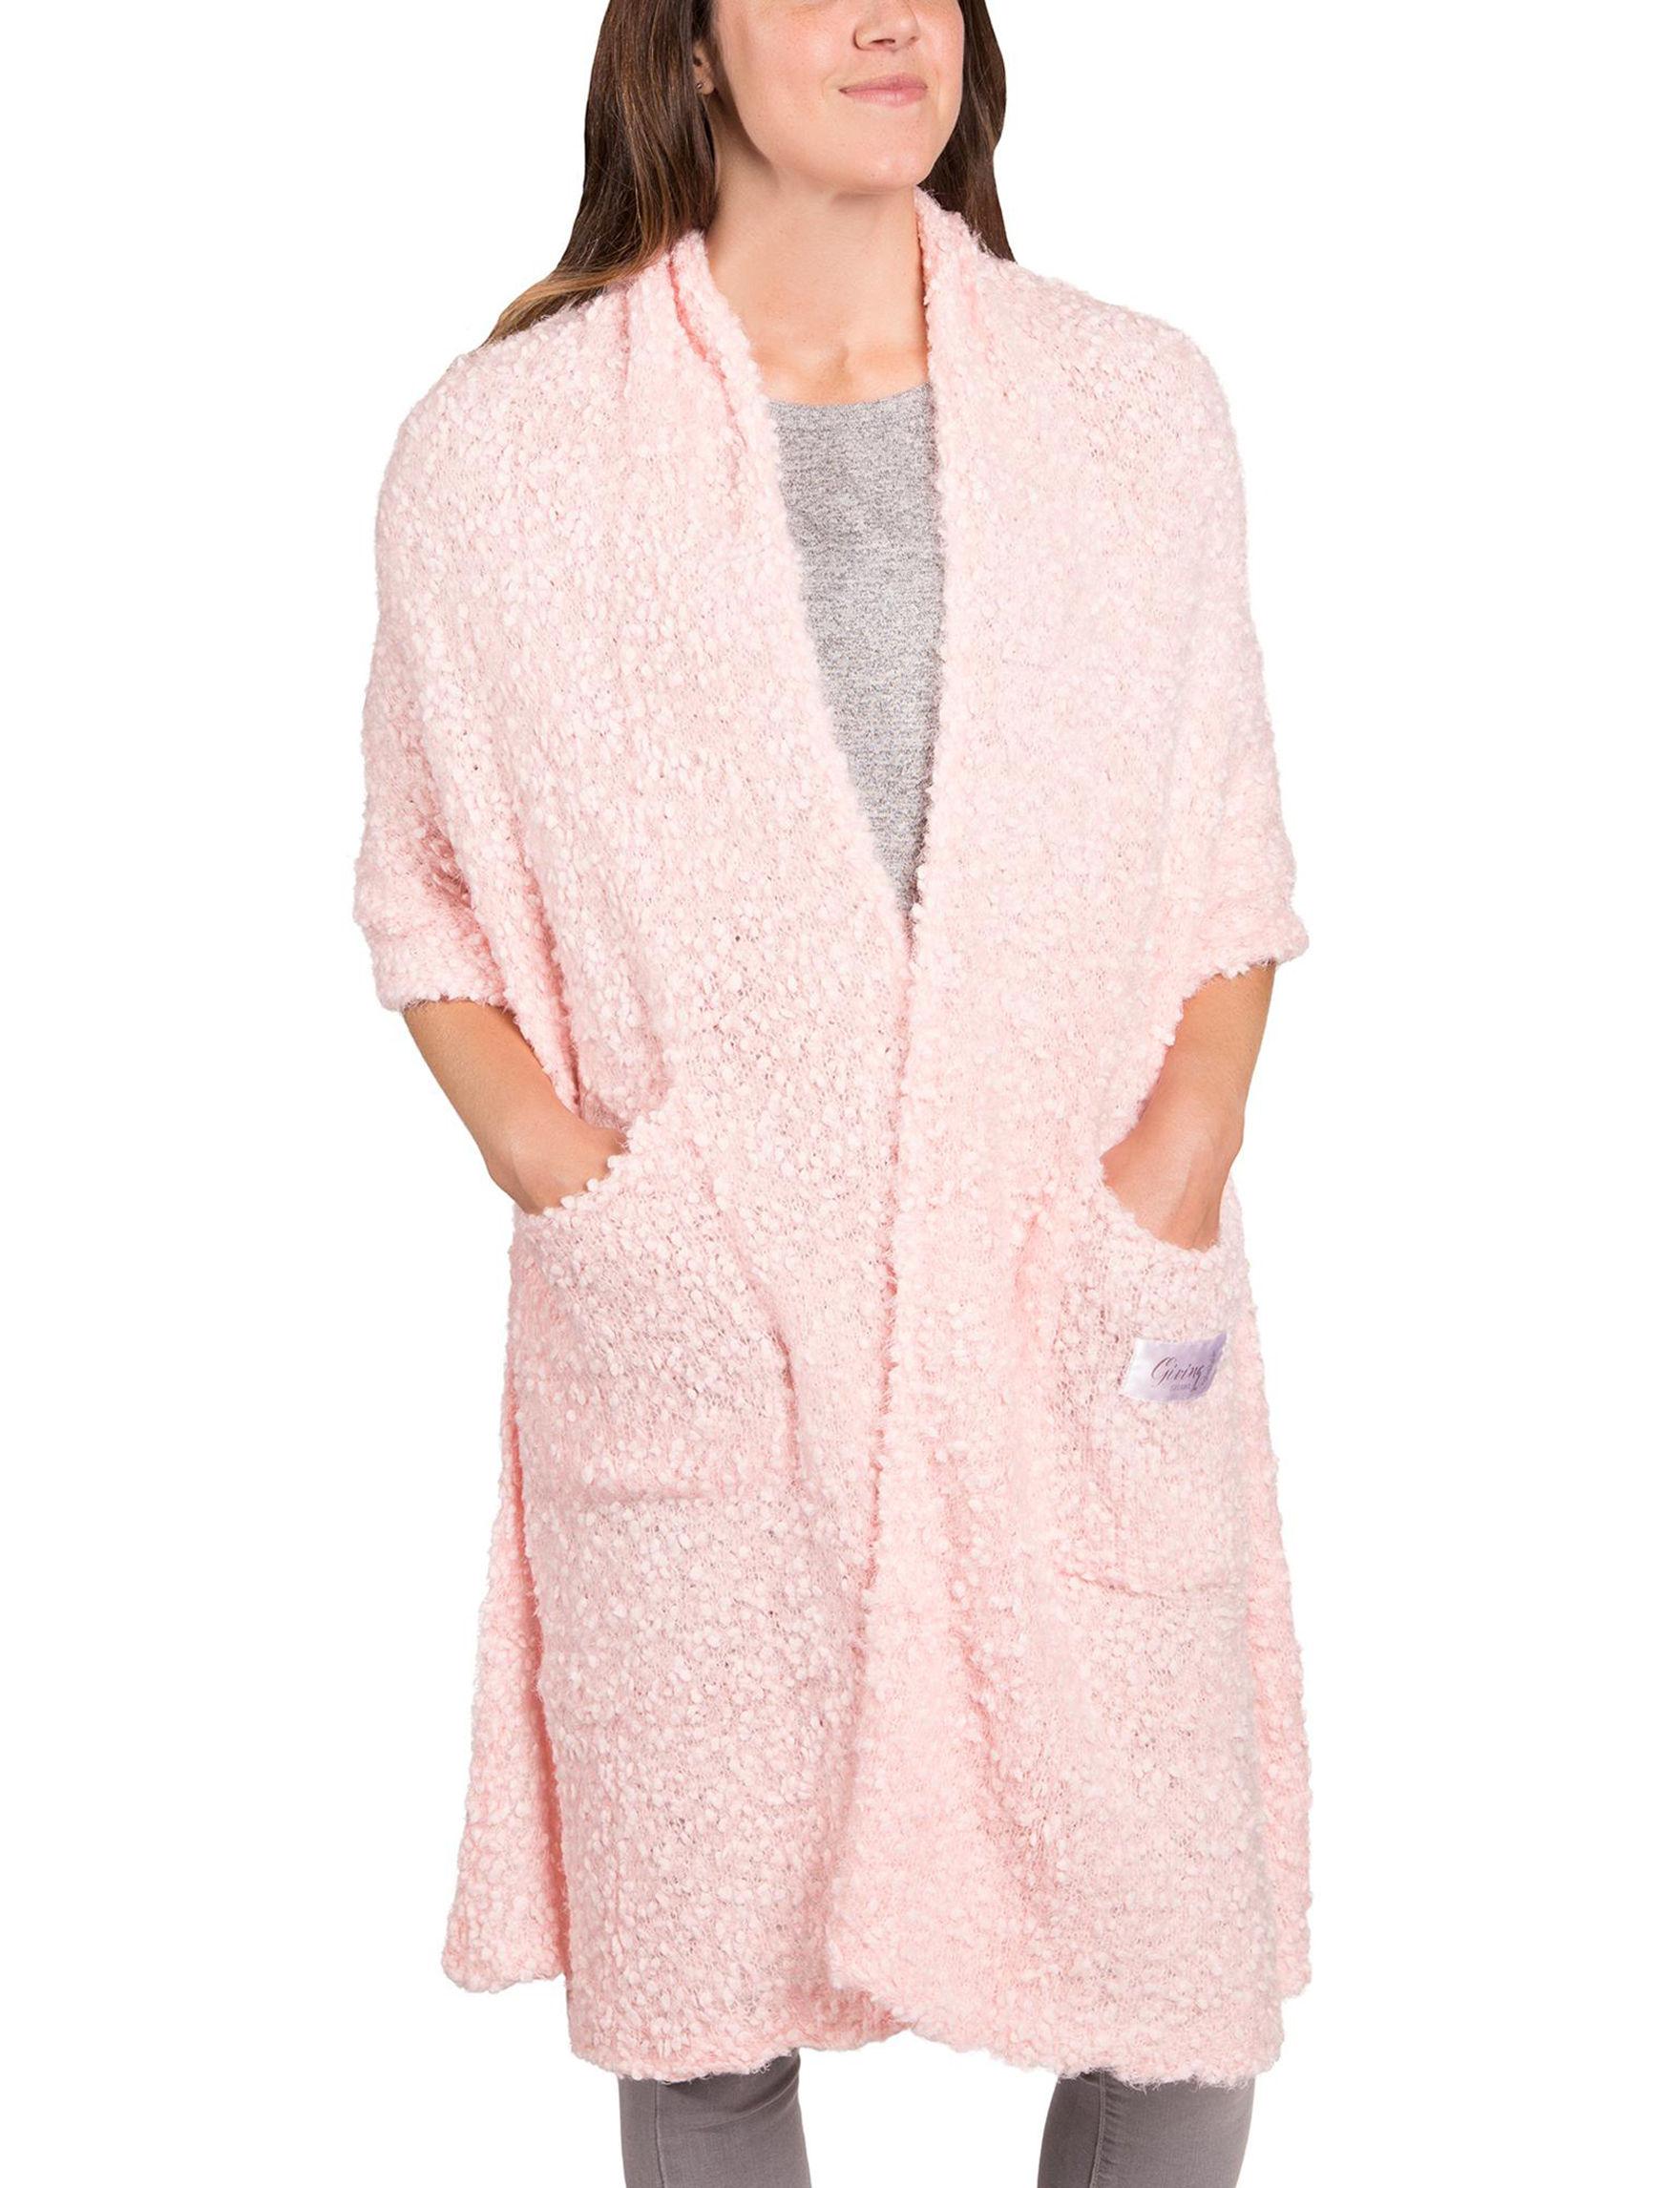 Demdaco Pink Sweater Vests